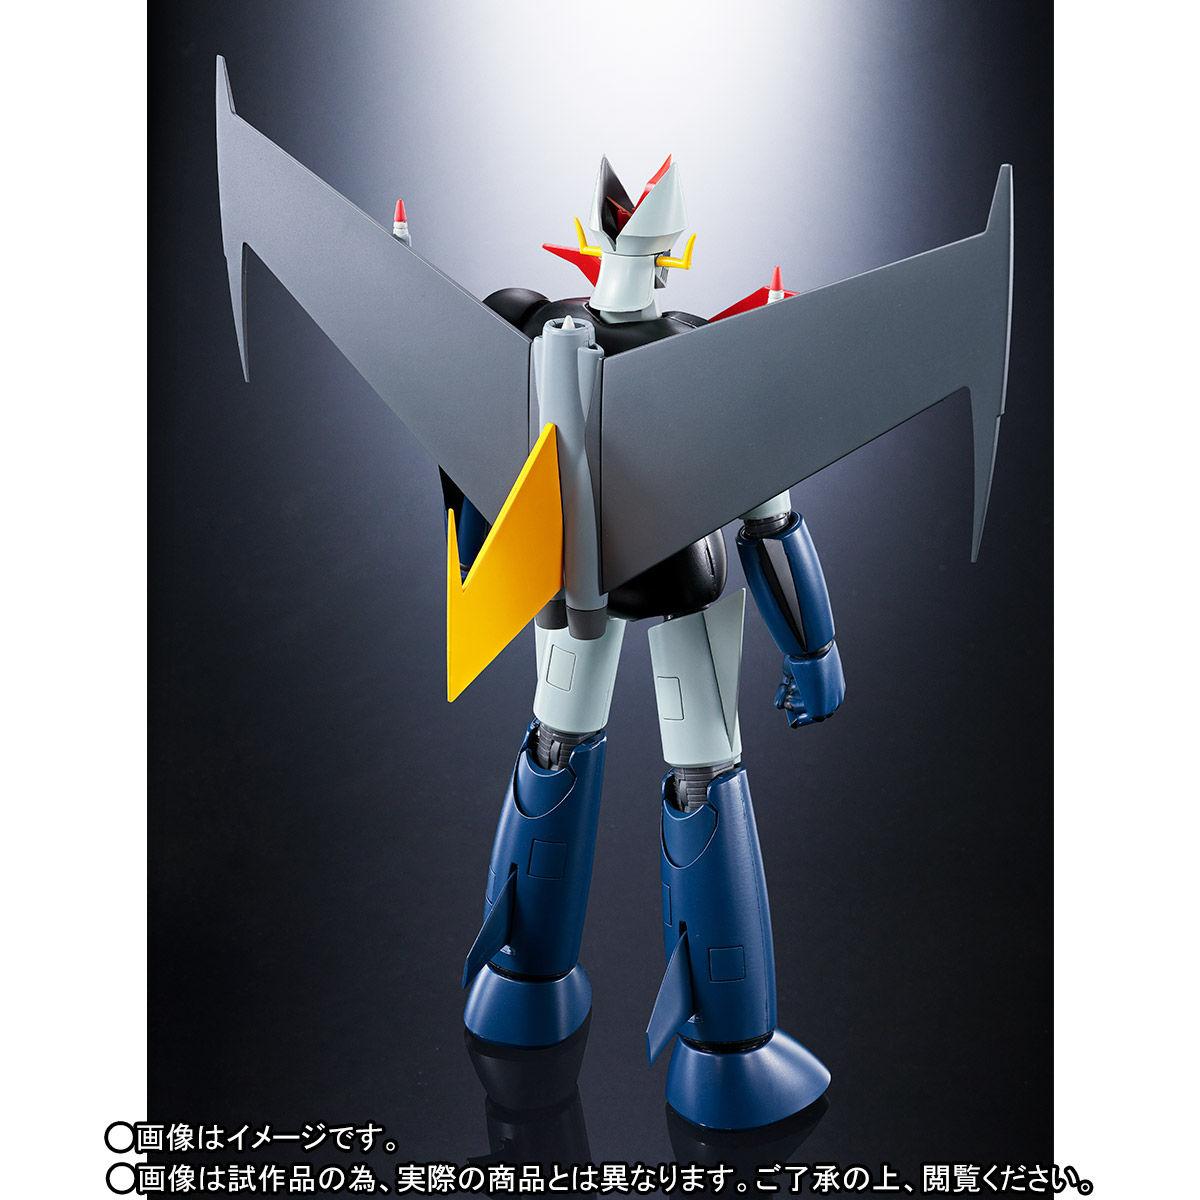 超合金魂 GX-73SP『グレートマジンガー D.C. アニメカラーバージョン』可動フィギュア-008